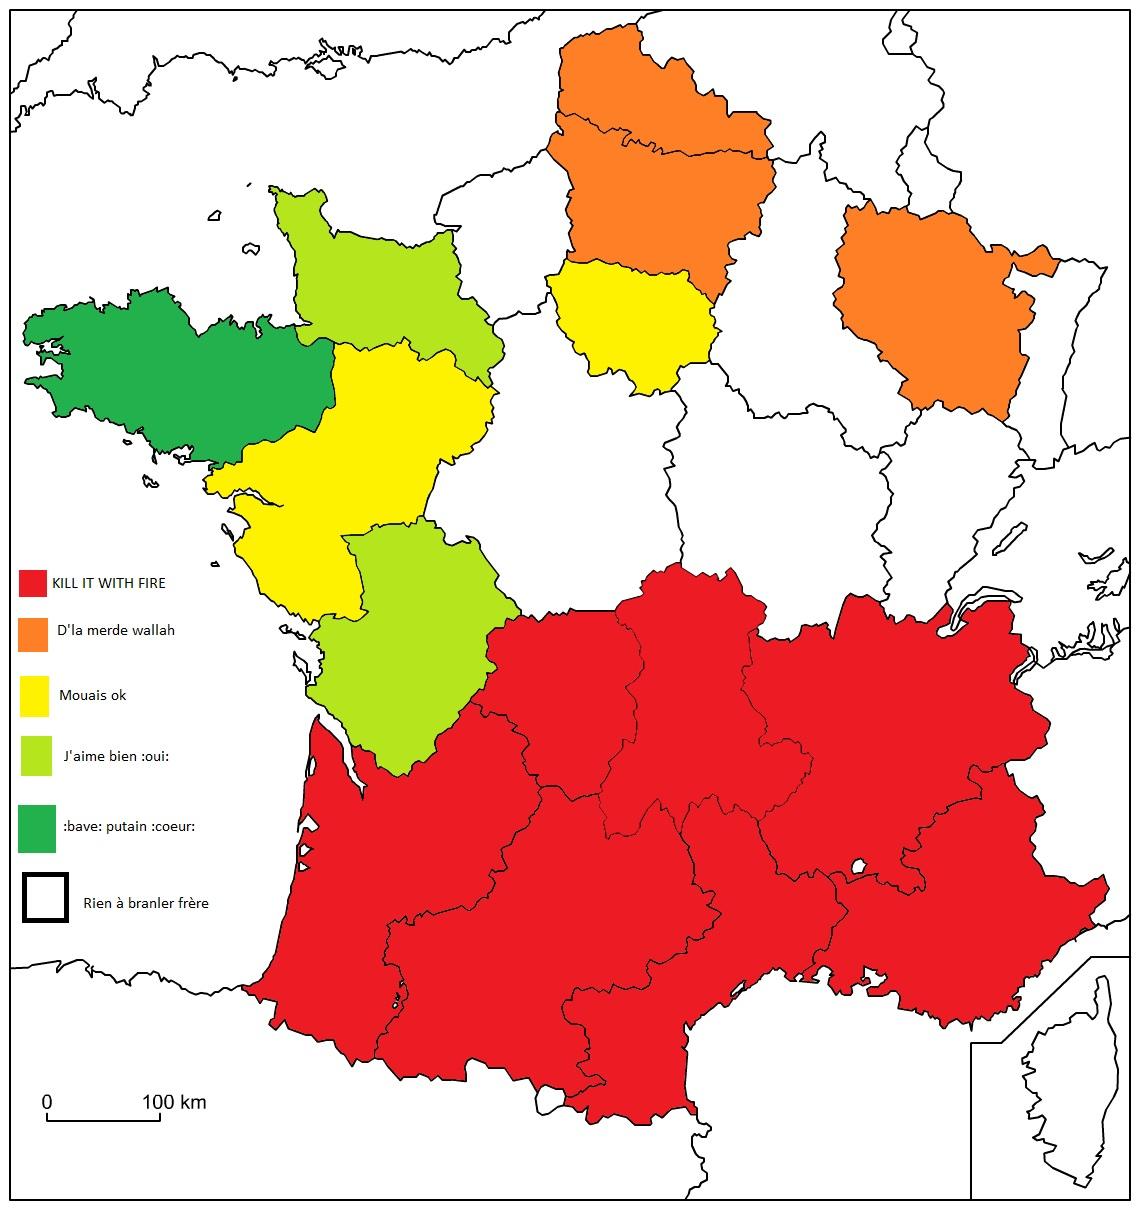 Dessin] Colorier Votre Carte De France :oui: Sur Le Forum intérieur Dessin De Carte De France